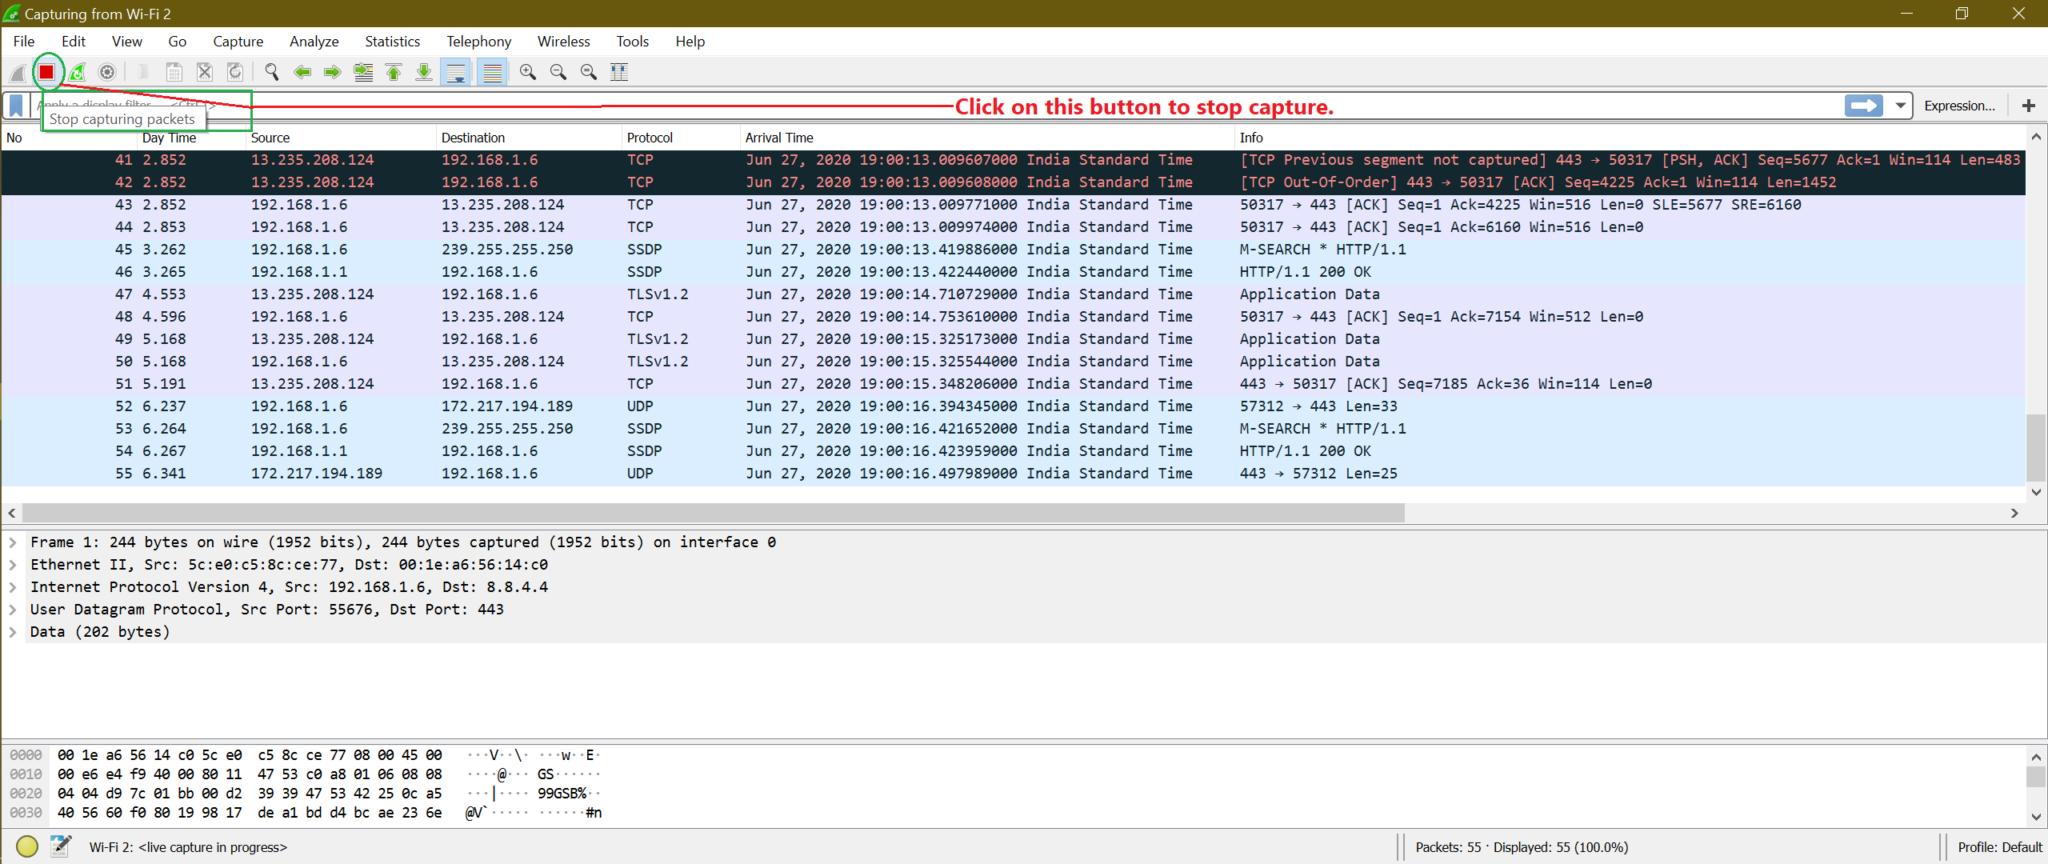 E:fiverrWorkLinuxhint_mail74838BOOK - Linux Forensics Tools & Techniquespicstop_cap.png